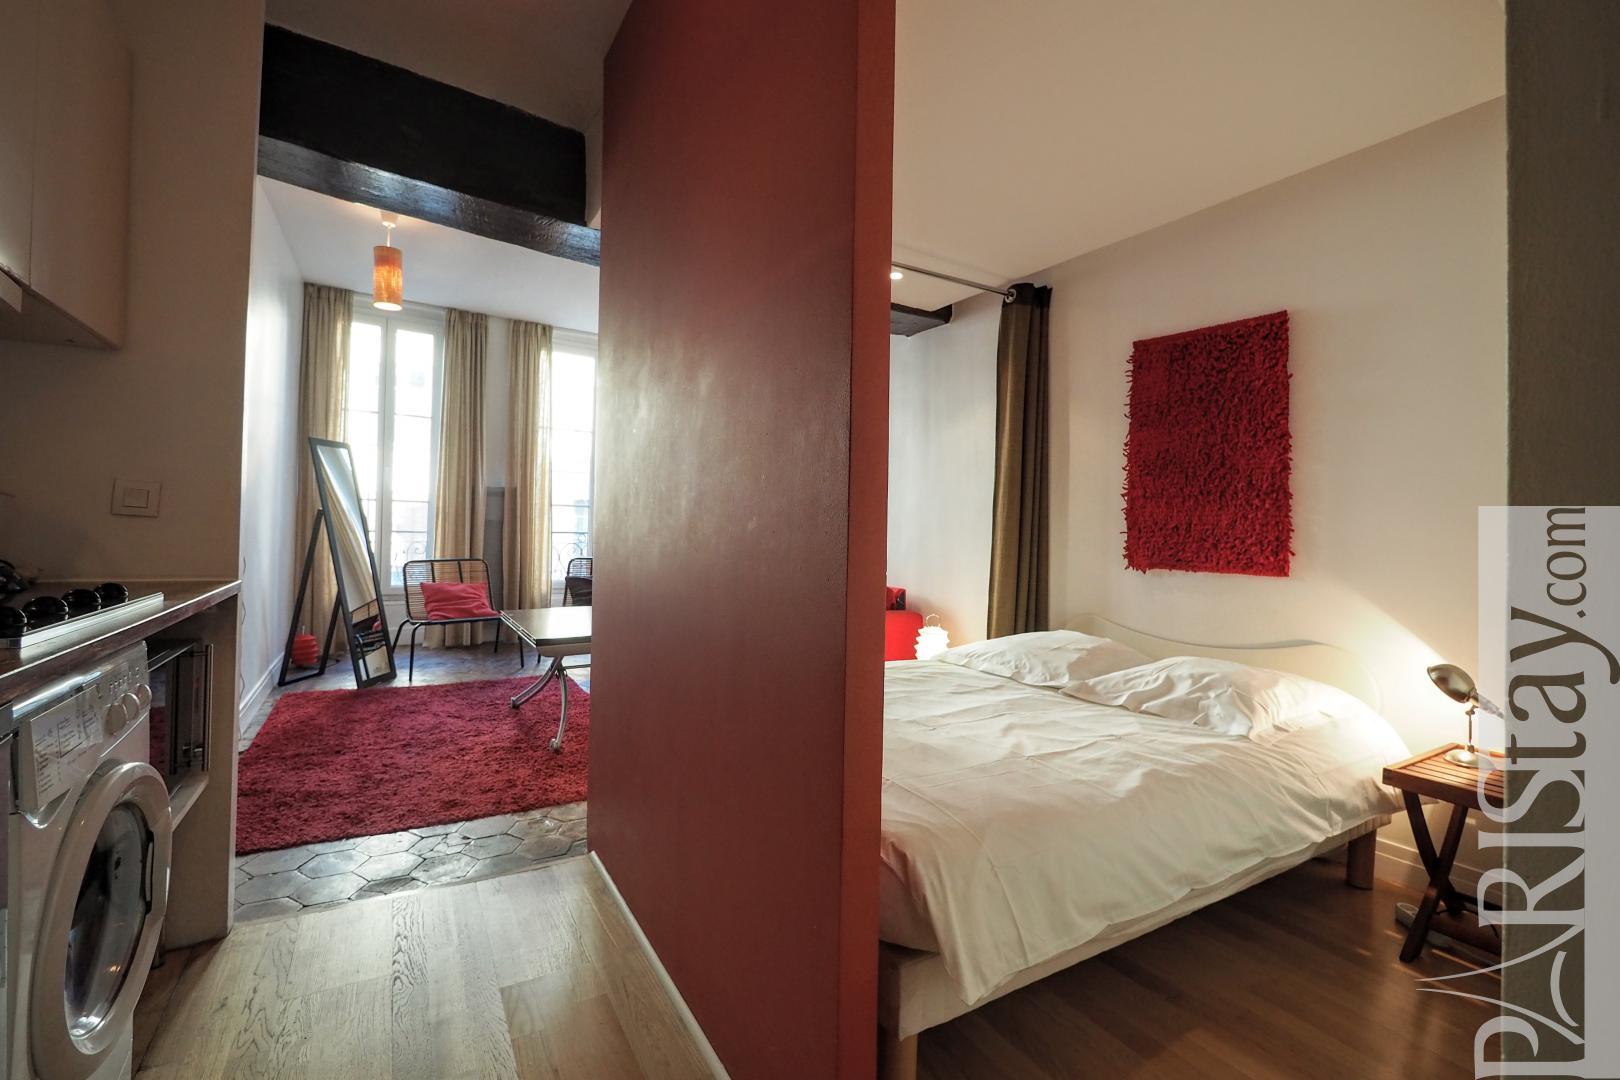 paris studio apartment for rental louvre louvre 75001 paris. Black Bedroom Furniture Sets. Home Design Ideas